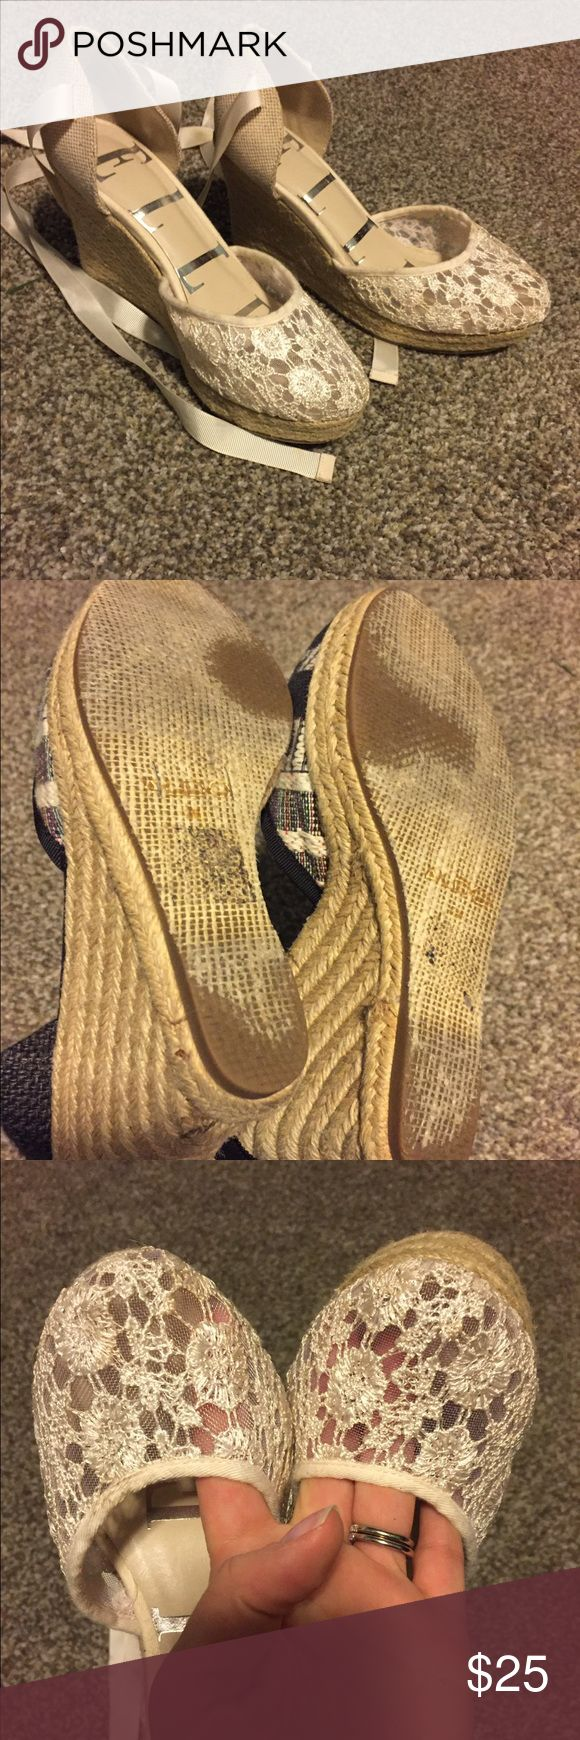 White lace espadrilles Worn twice elle Shoes Espadrilles